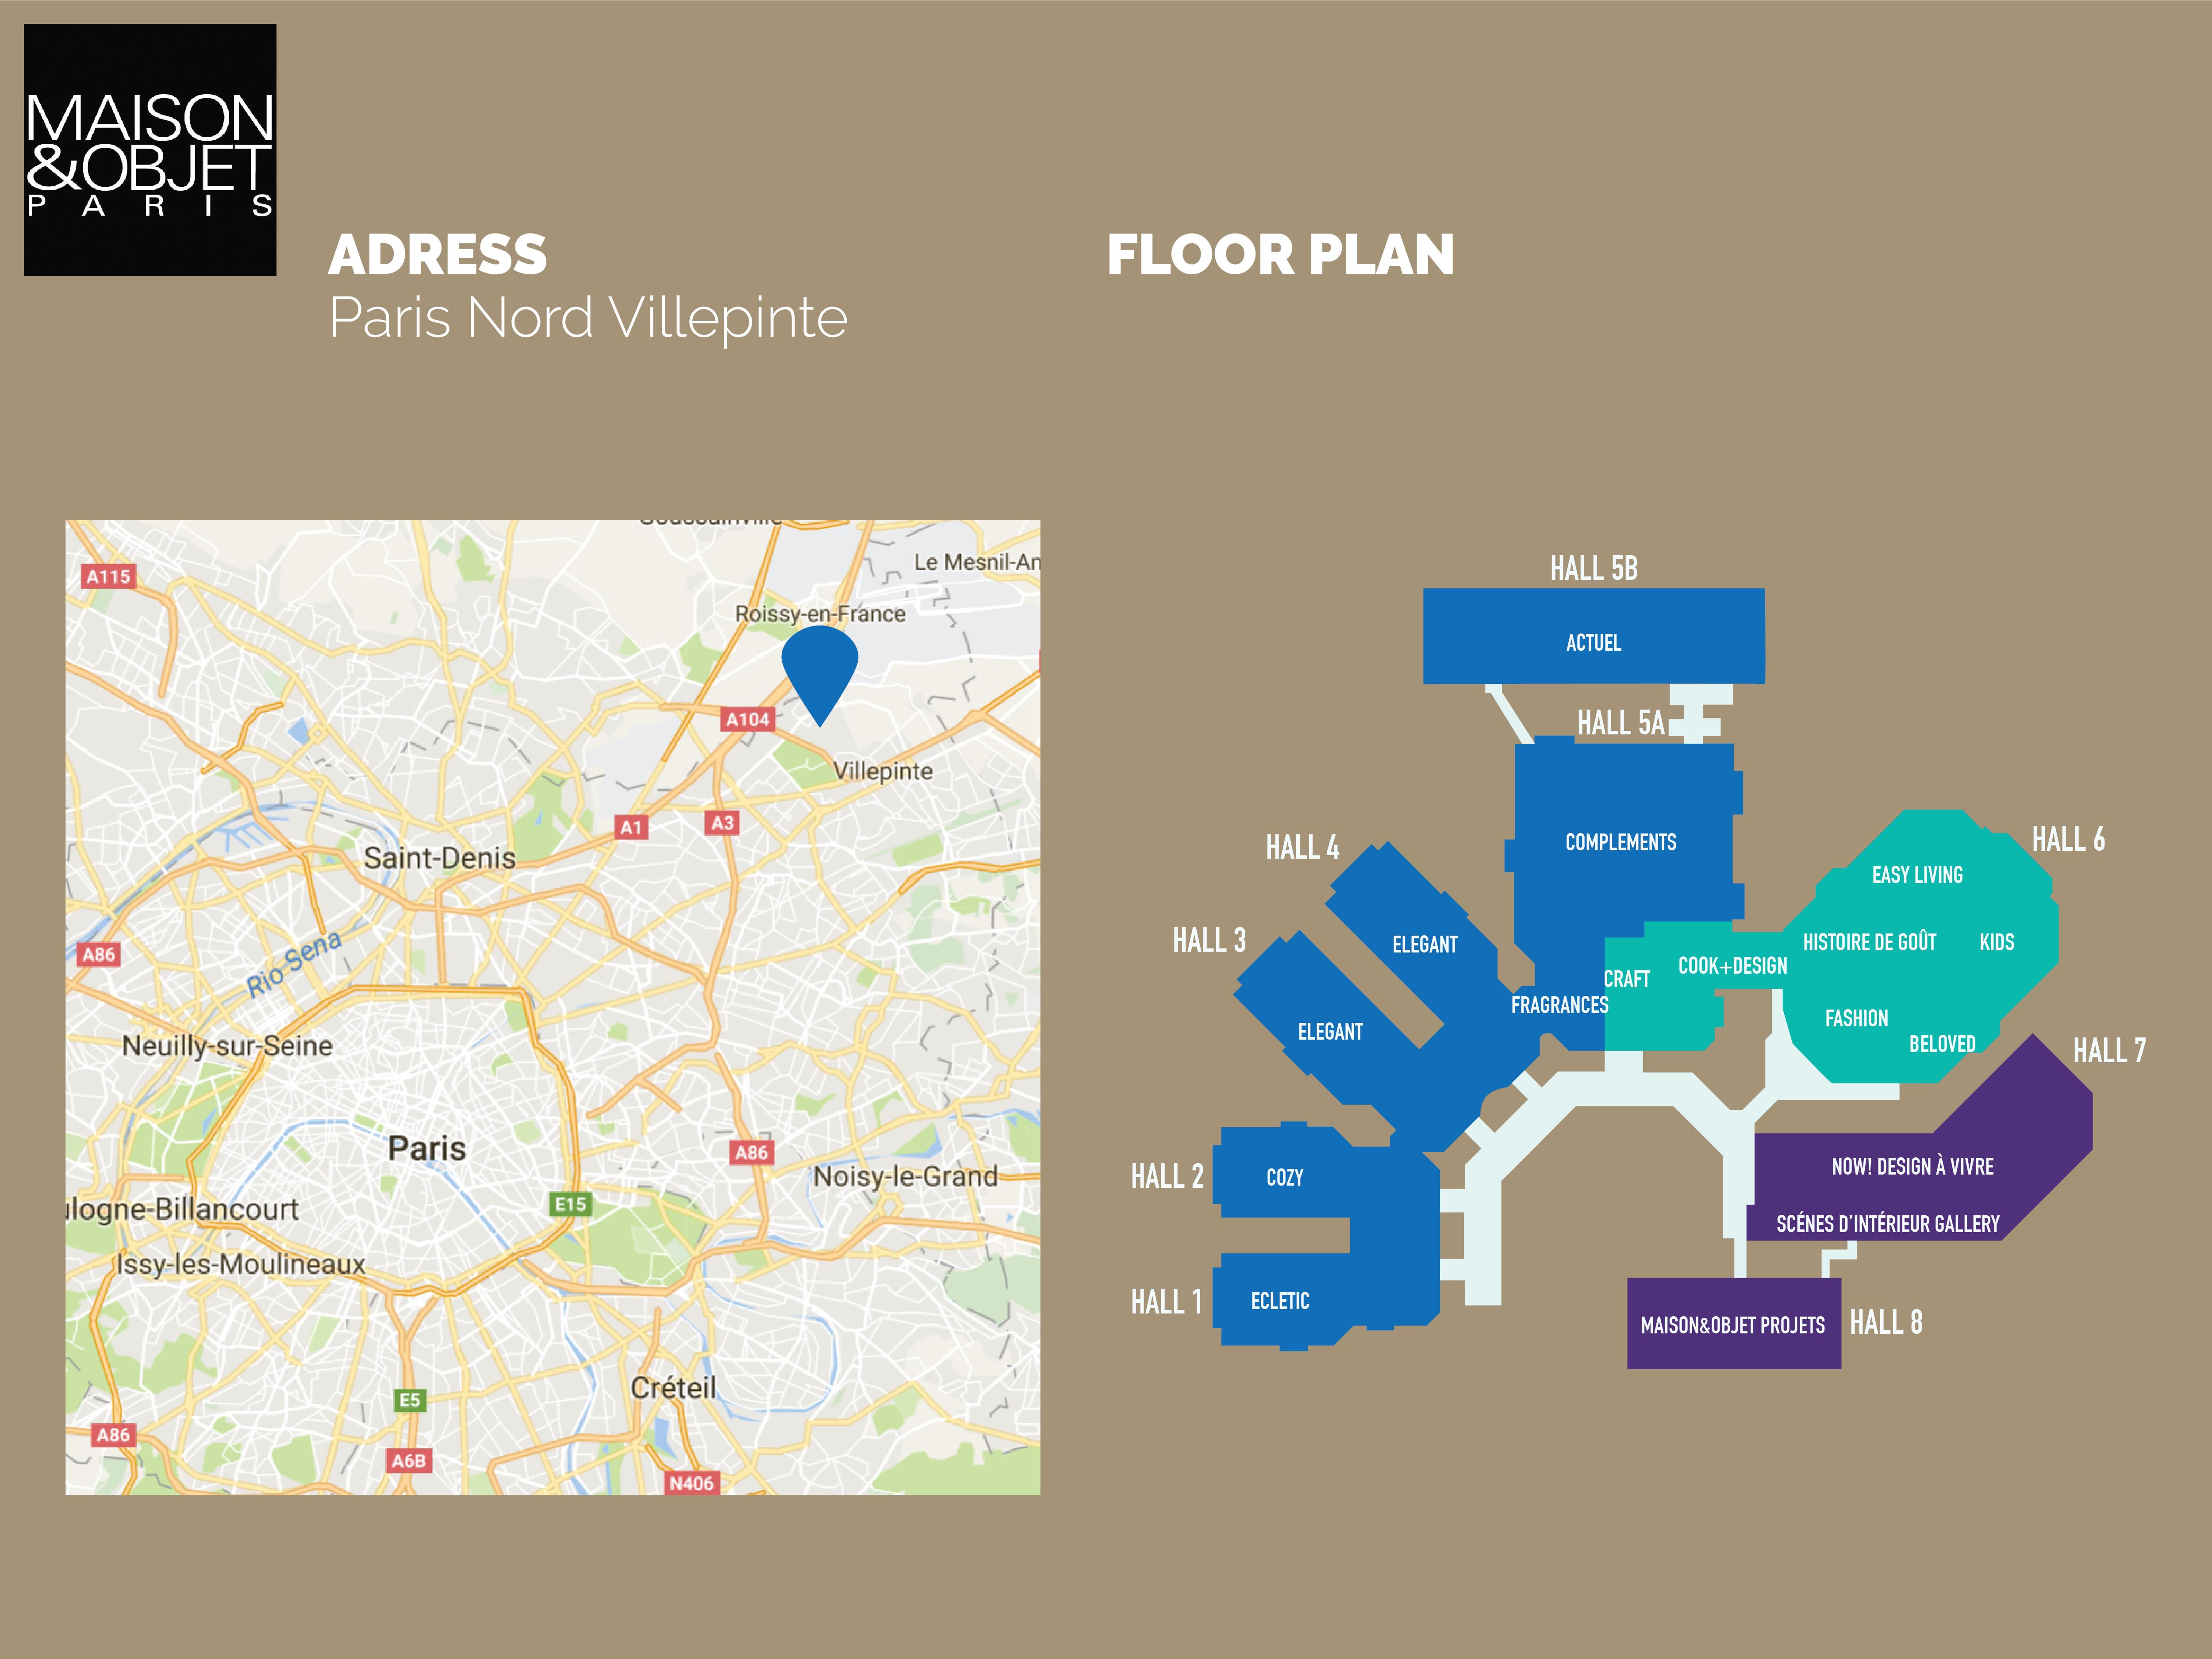 Maison et Objet Paris 2017 Complete Guide for Visitors maison et objet paris Maison et Objet Paris 2017 Complete Guide for Visitors Maison et Objet Paris 2017 Complete Guide for Visitors 2